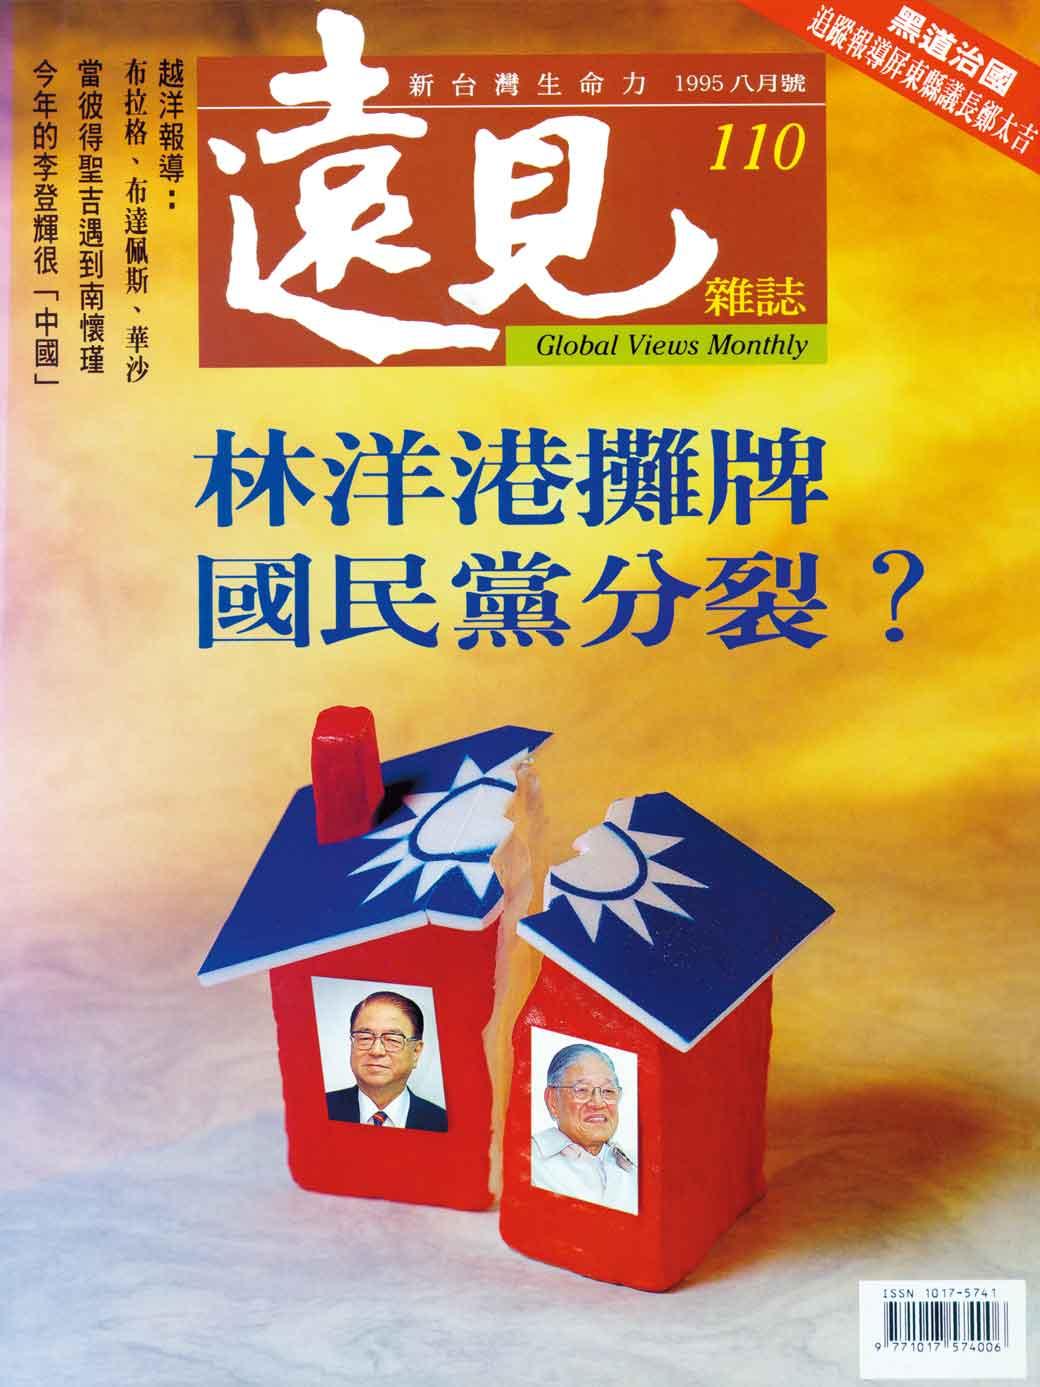 林洋港攤牌,國民黨分裂?